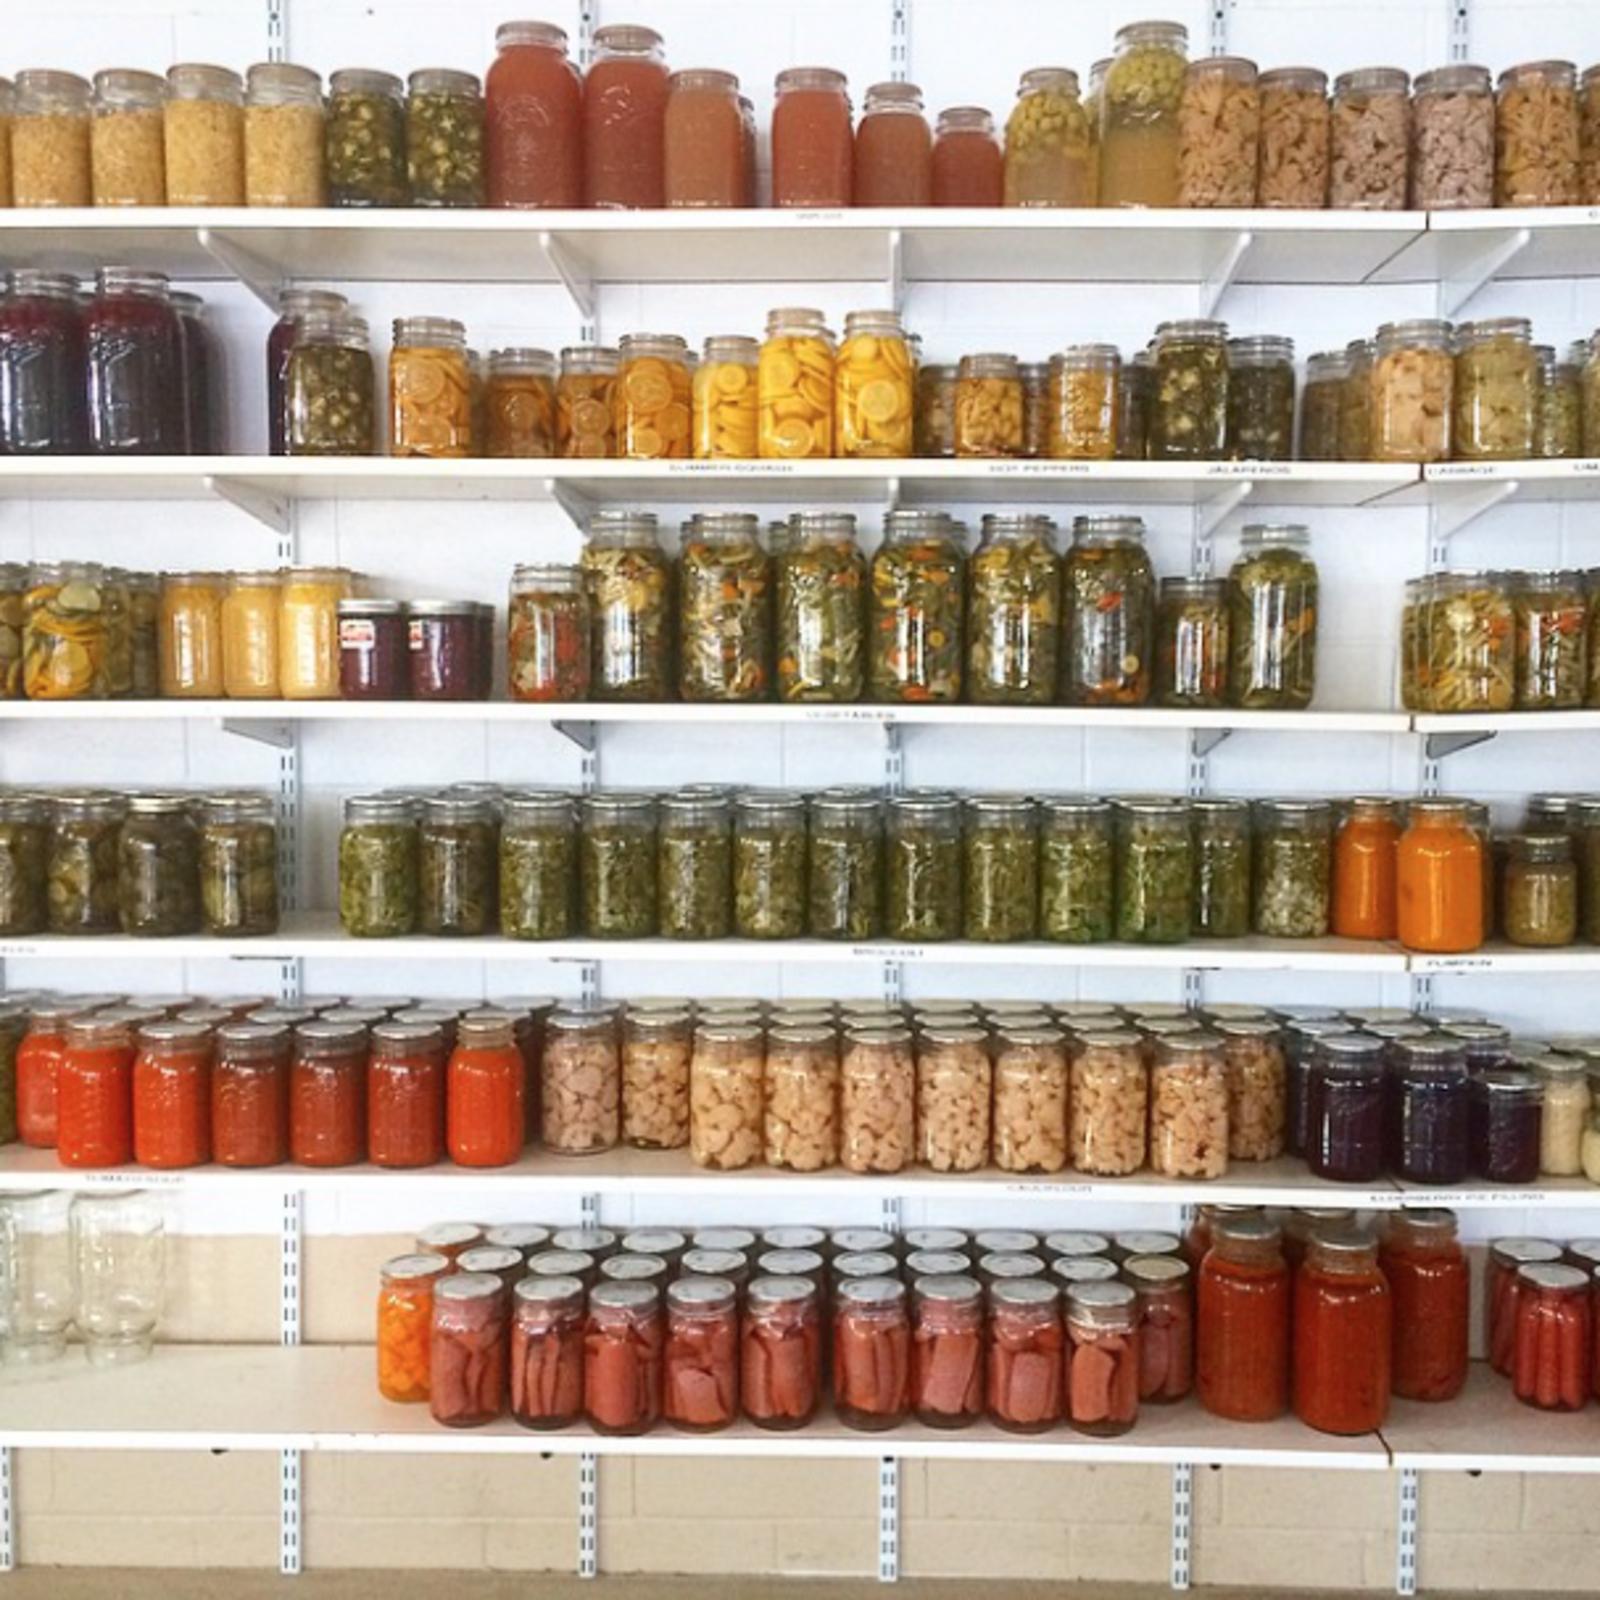 Photo 1 of 1 in Photo of the Week: Jars on Jars on Jars